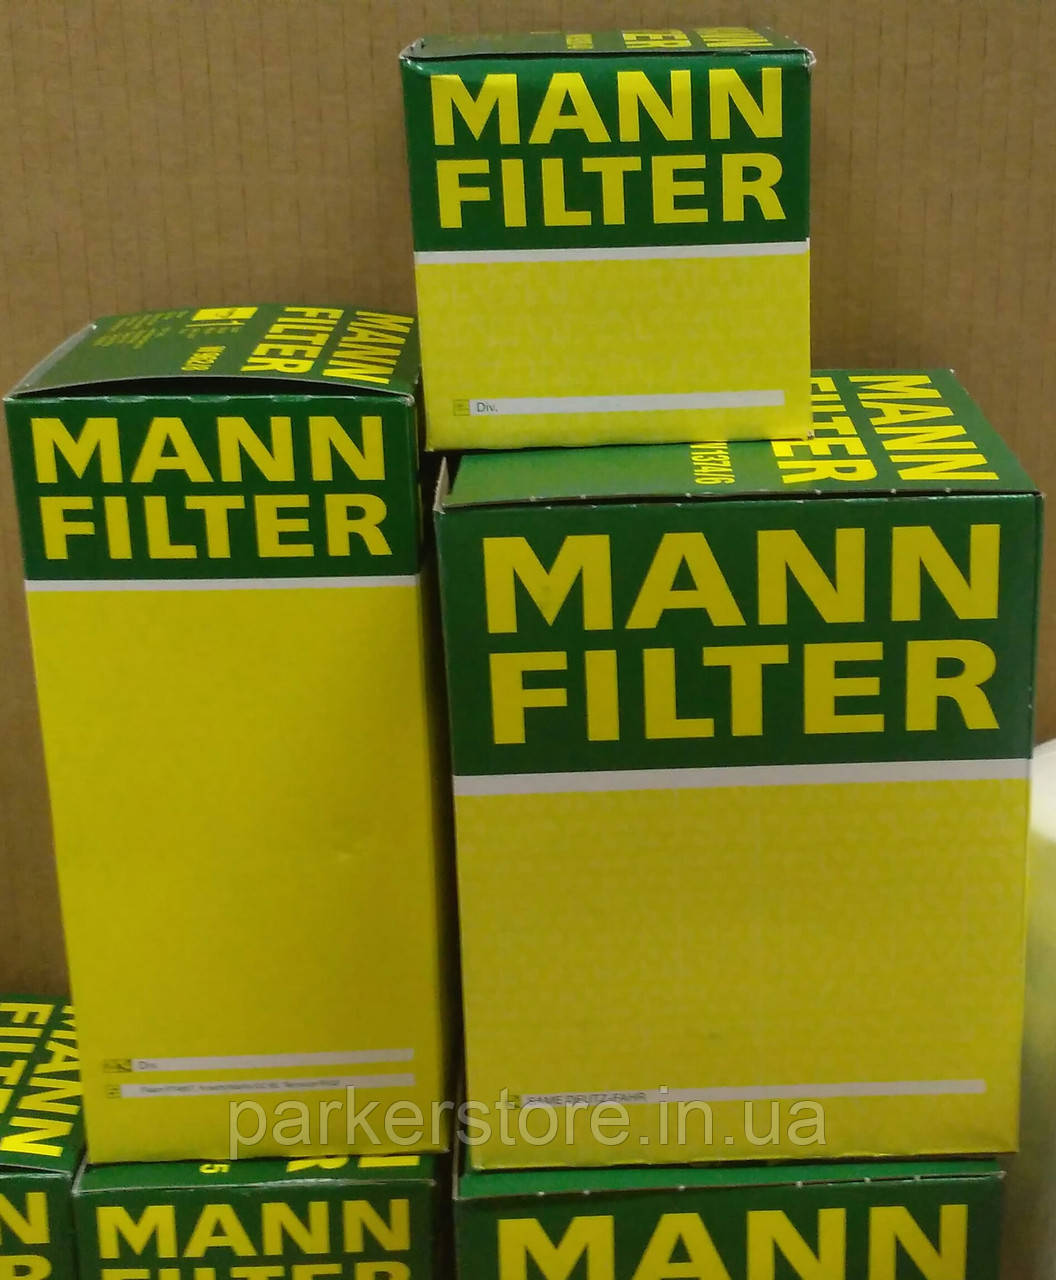 MANN FILTER / Повітряний фільтр / C 1552 / C1552